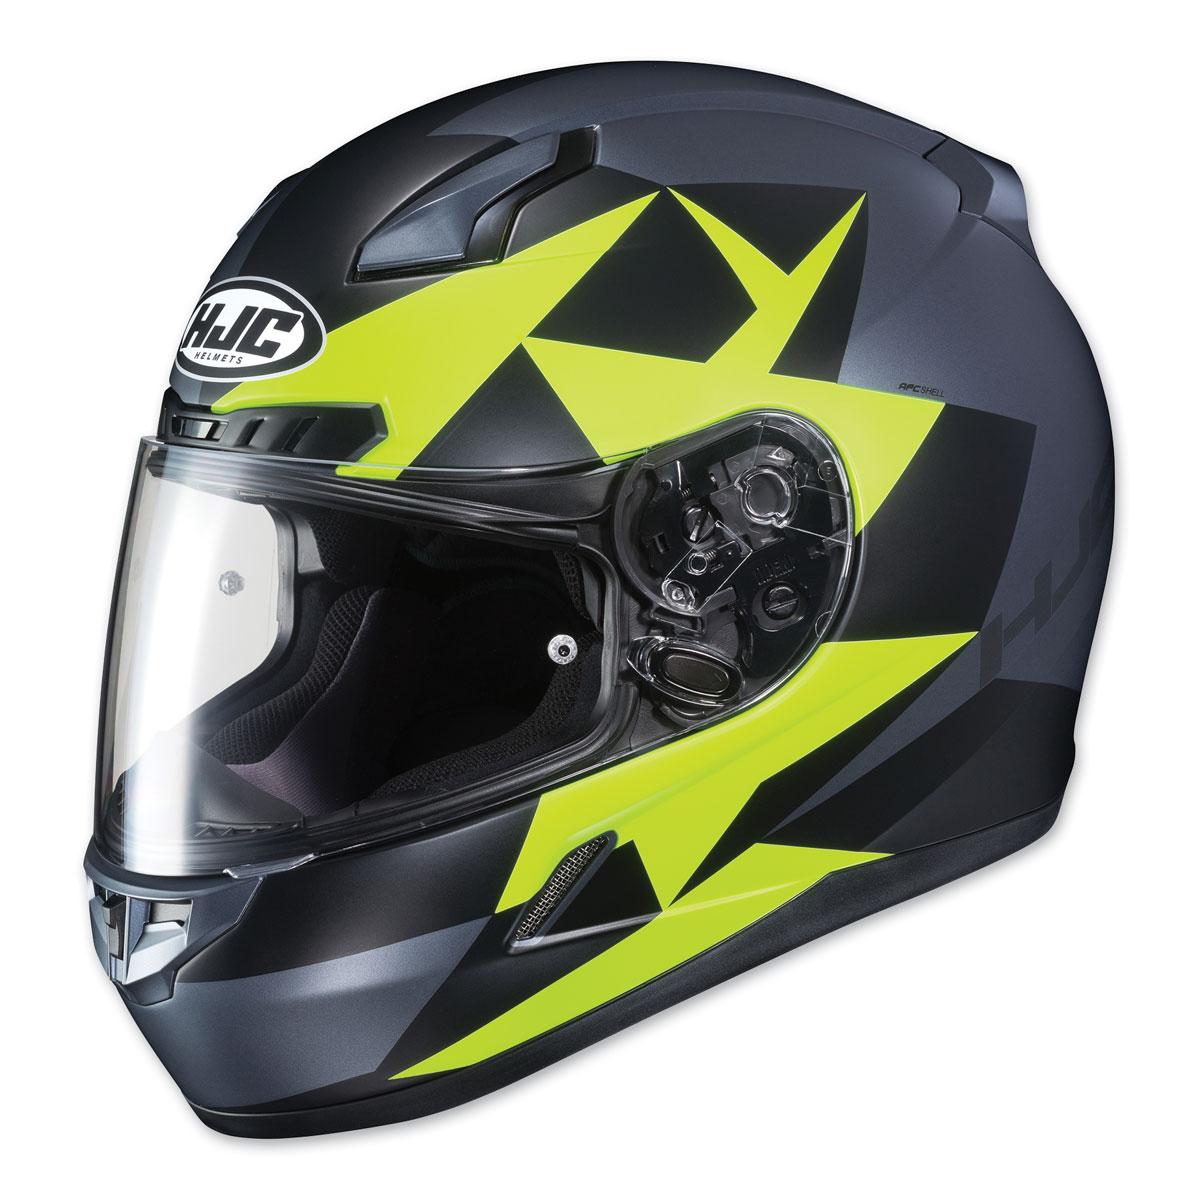 HJC CL-17 Ragua Hi-Viz/Gray Full Face Helmet